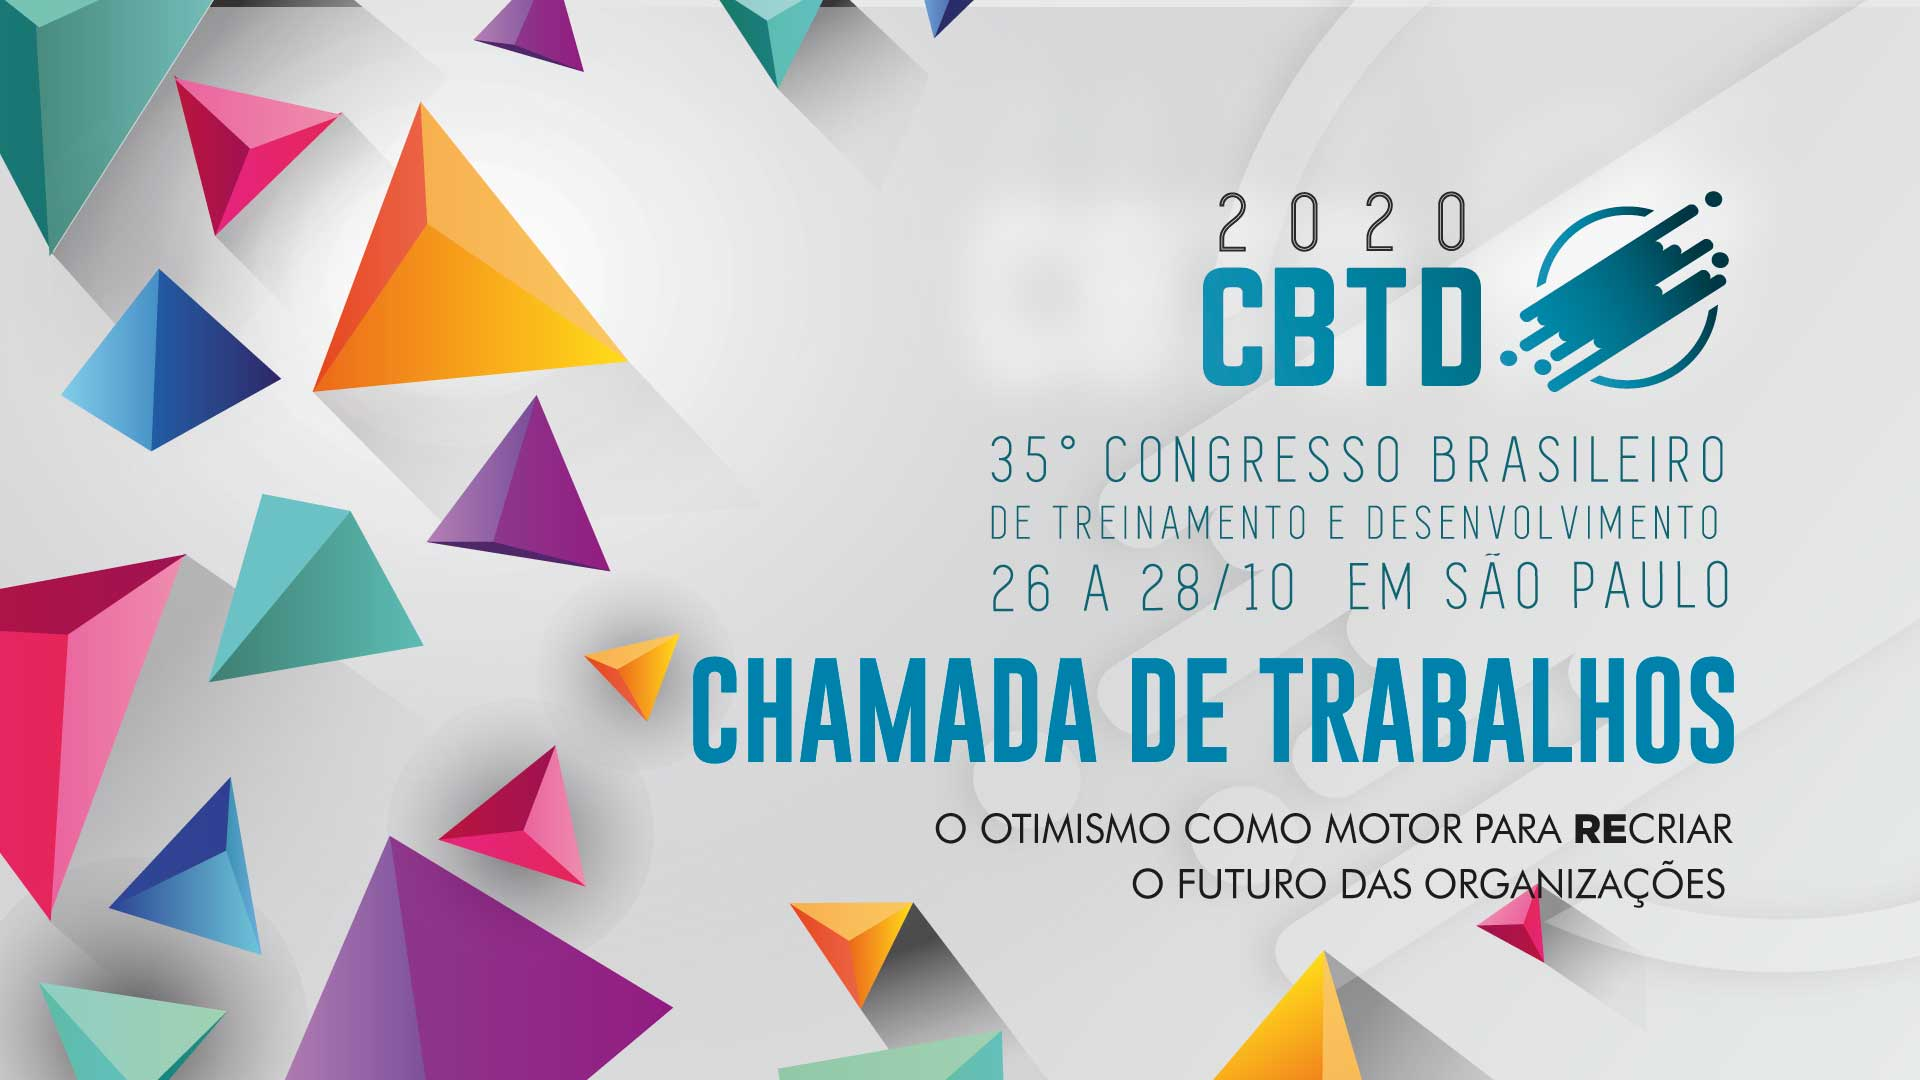 Chamada de trabalhos - CBTD 2020